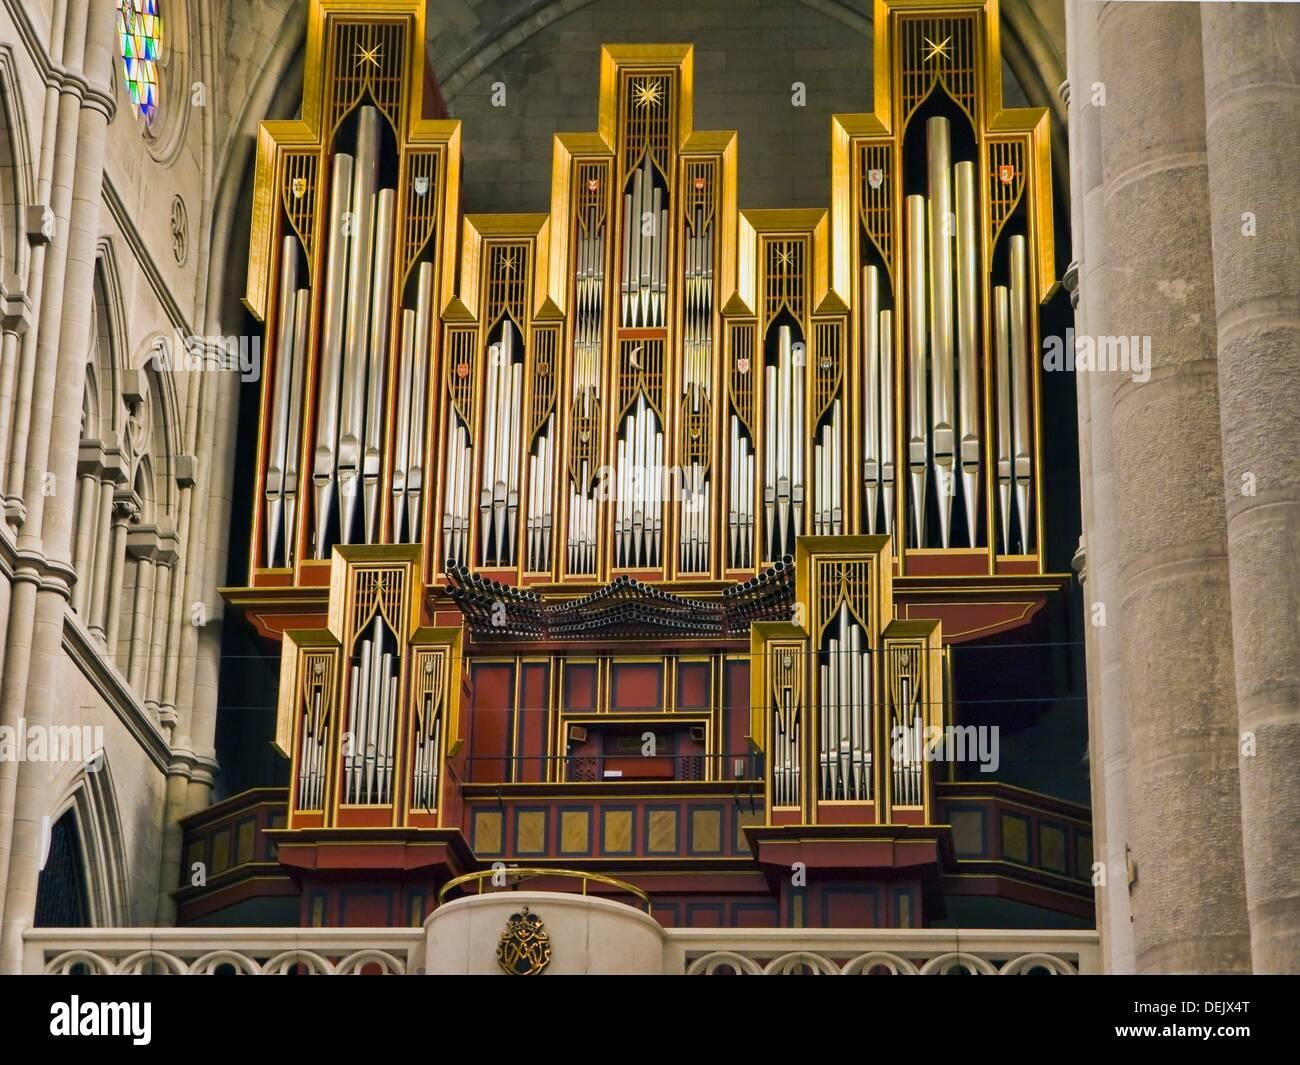 Órgano en la catedral de La Almudena de Madrid España Imagen De Stock